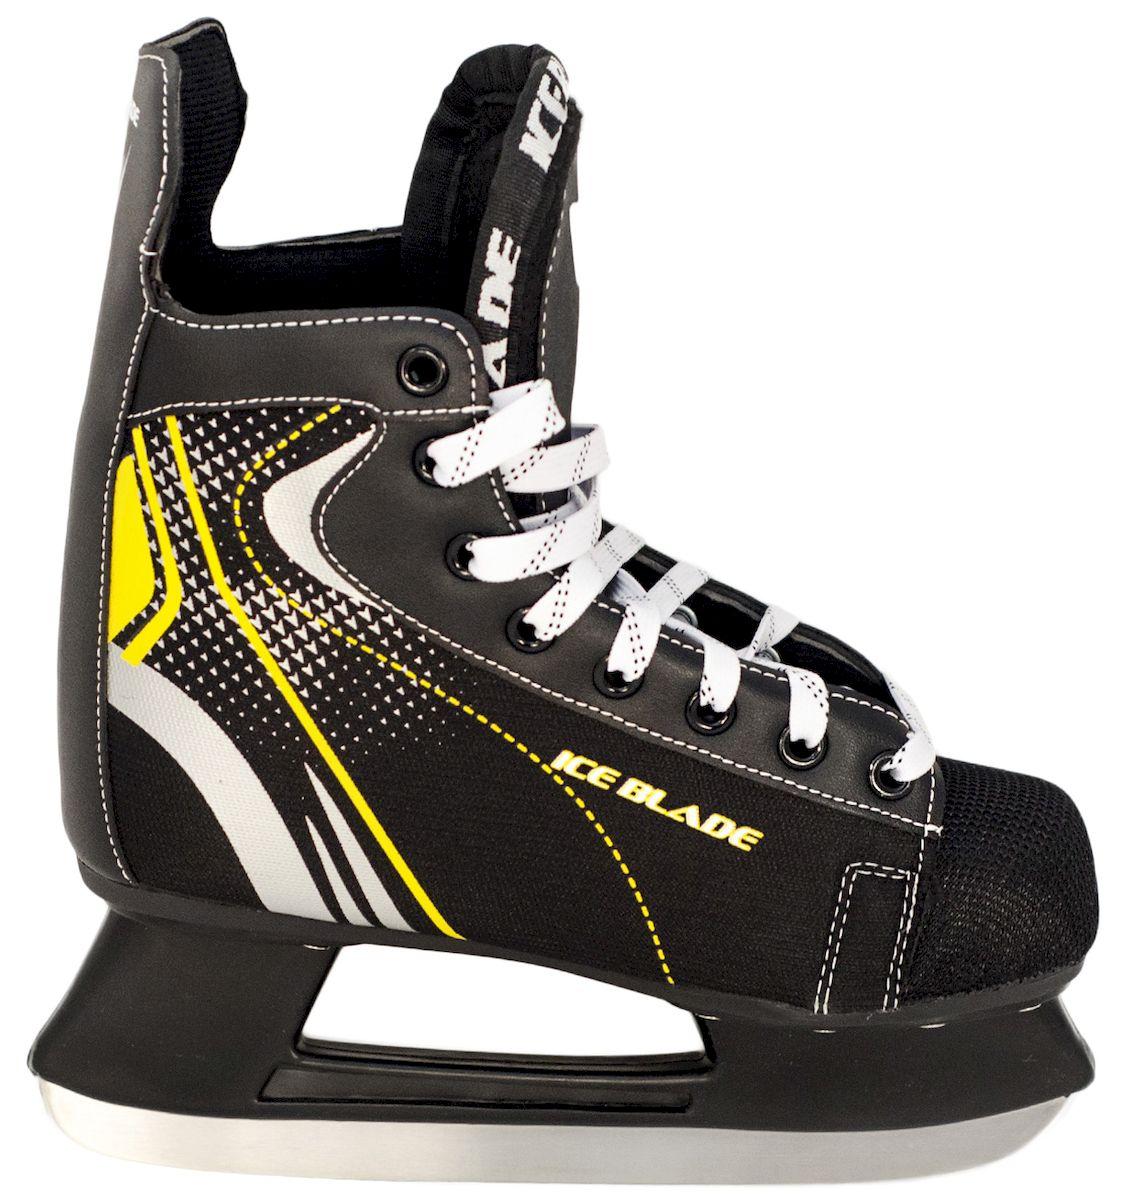 Коньки хоккейные Ice Blade Shark, цвет: черный, желтый. УТ-00006841. Размер 39УТ-00006841Коньки хоккейные Shark имеют модный яркий дизайн, поэтому данная модель очень популярна у любителей хоккея.Ботинок выполнен из искусственной кожи, высокопрочной нейлоновой ткани и ударостойкого пластика. Лезвие изготовлено из высокоуглеродистой стали с покрытием из никеля, что гарантирует прочность и долговечность. В качестве внутренней отделки используется вельветин с утеплителем. Коньки поставляются с заводской заточкой лезвия, что позволяет сразу приступить к катанию, не тратя время и денег на заточку. Коньки подходят для использования на открытом и закрытом льду.Удобная система фиксации ноги и улучшенная колодка сделают катание комфортным и безопасным.